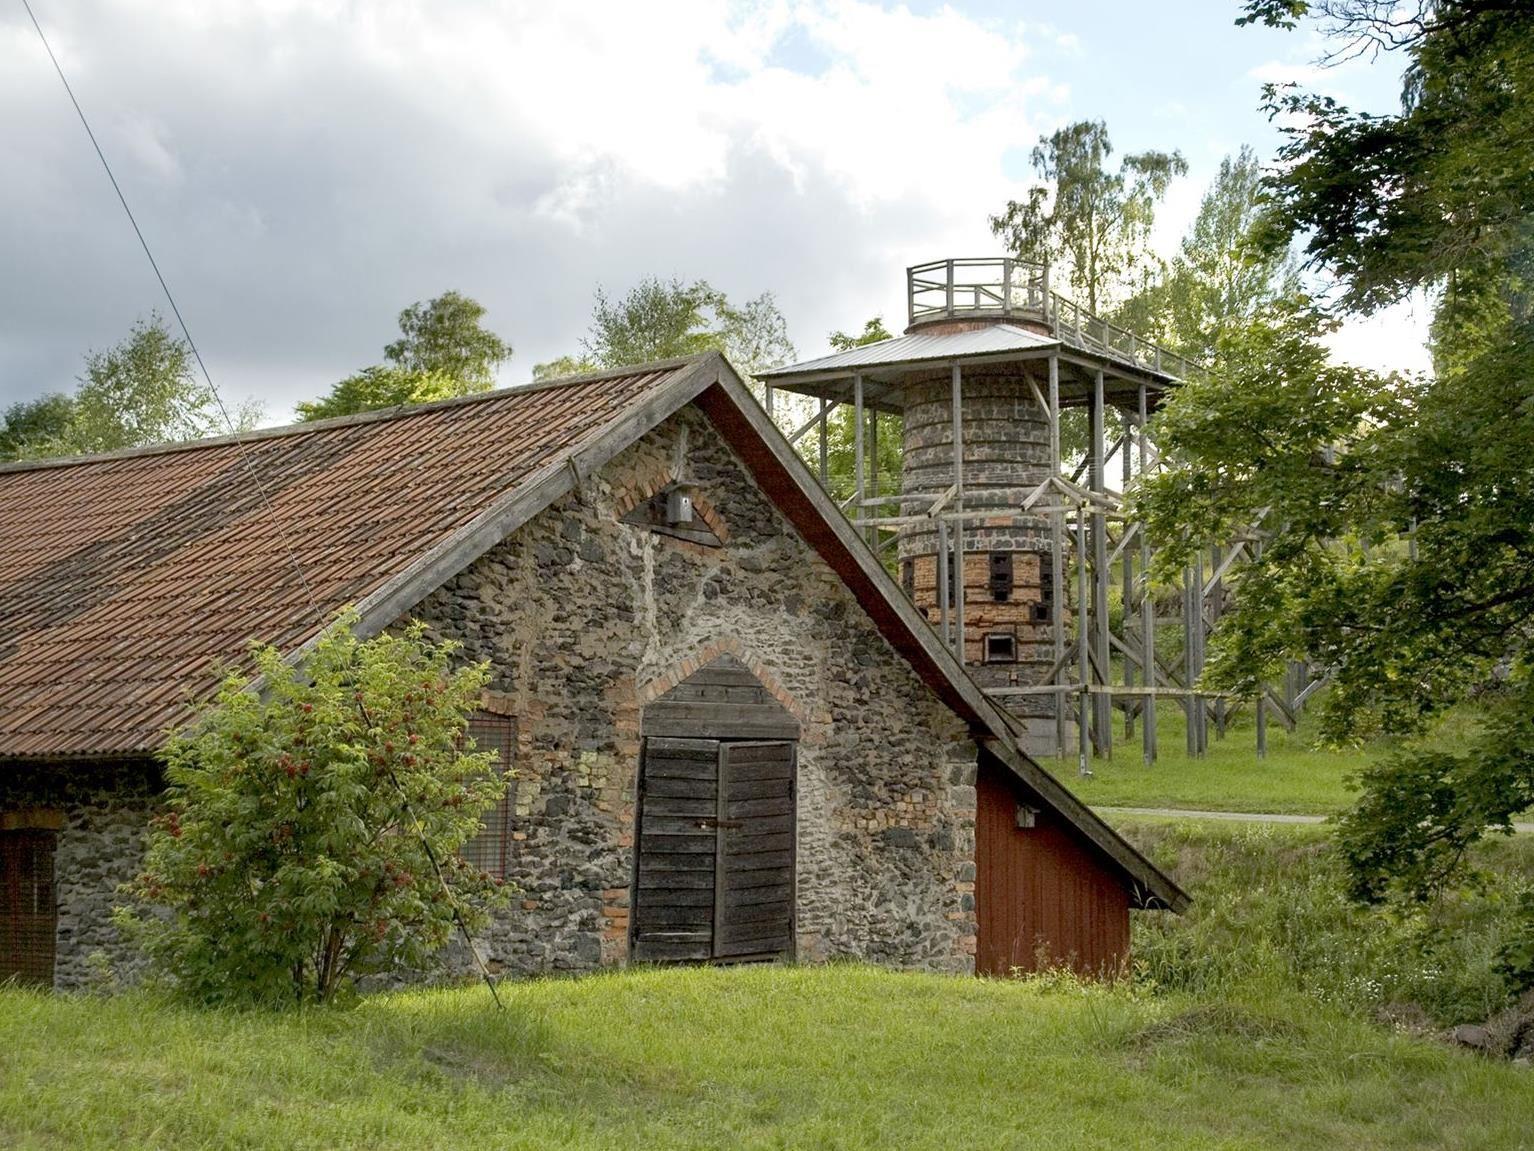 Guidad visning av Flatenbergs hytta